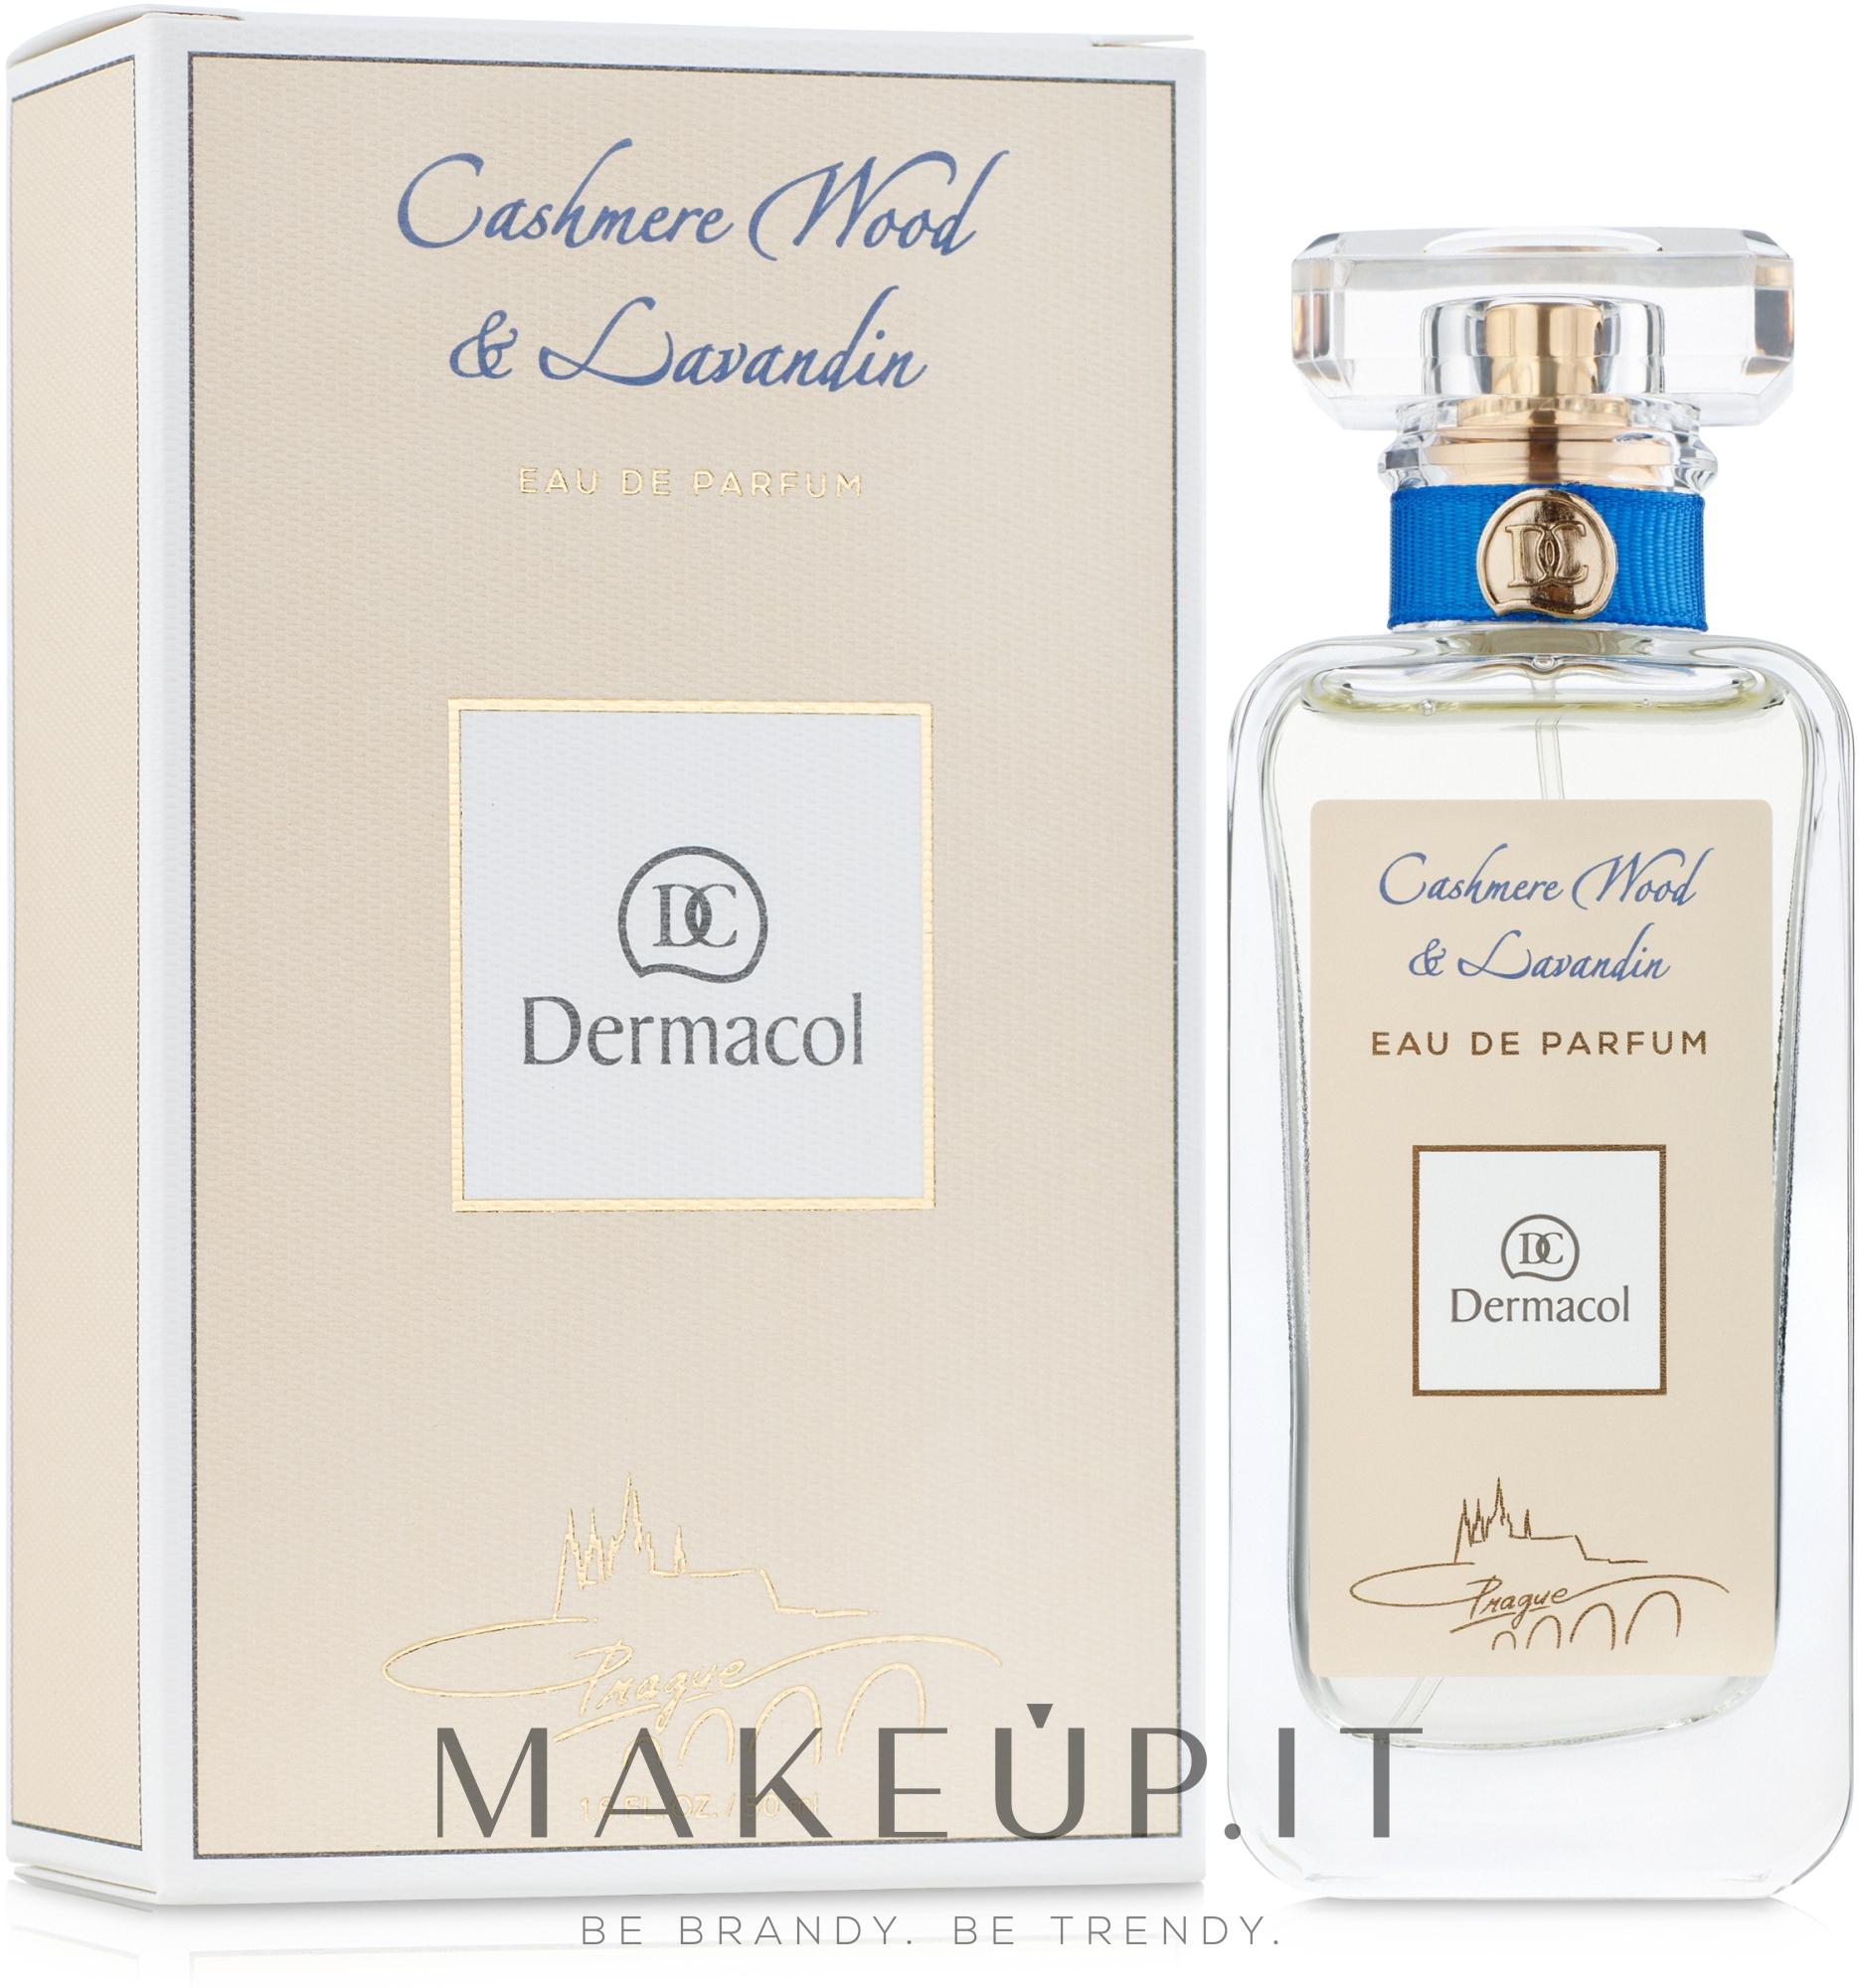 Dermacol Cashmere Wood And Levandin - Eau de Parfum — foto 50 ml